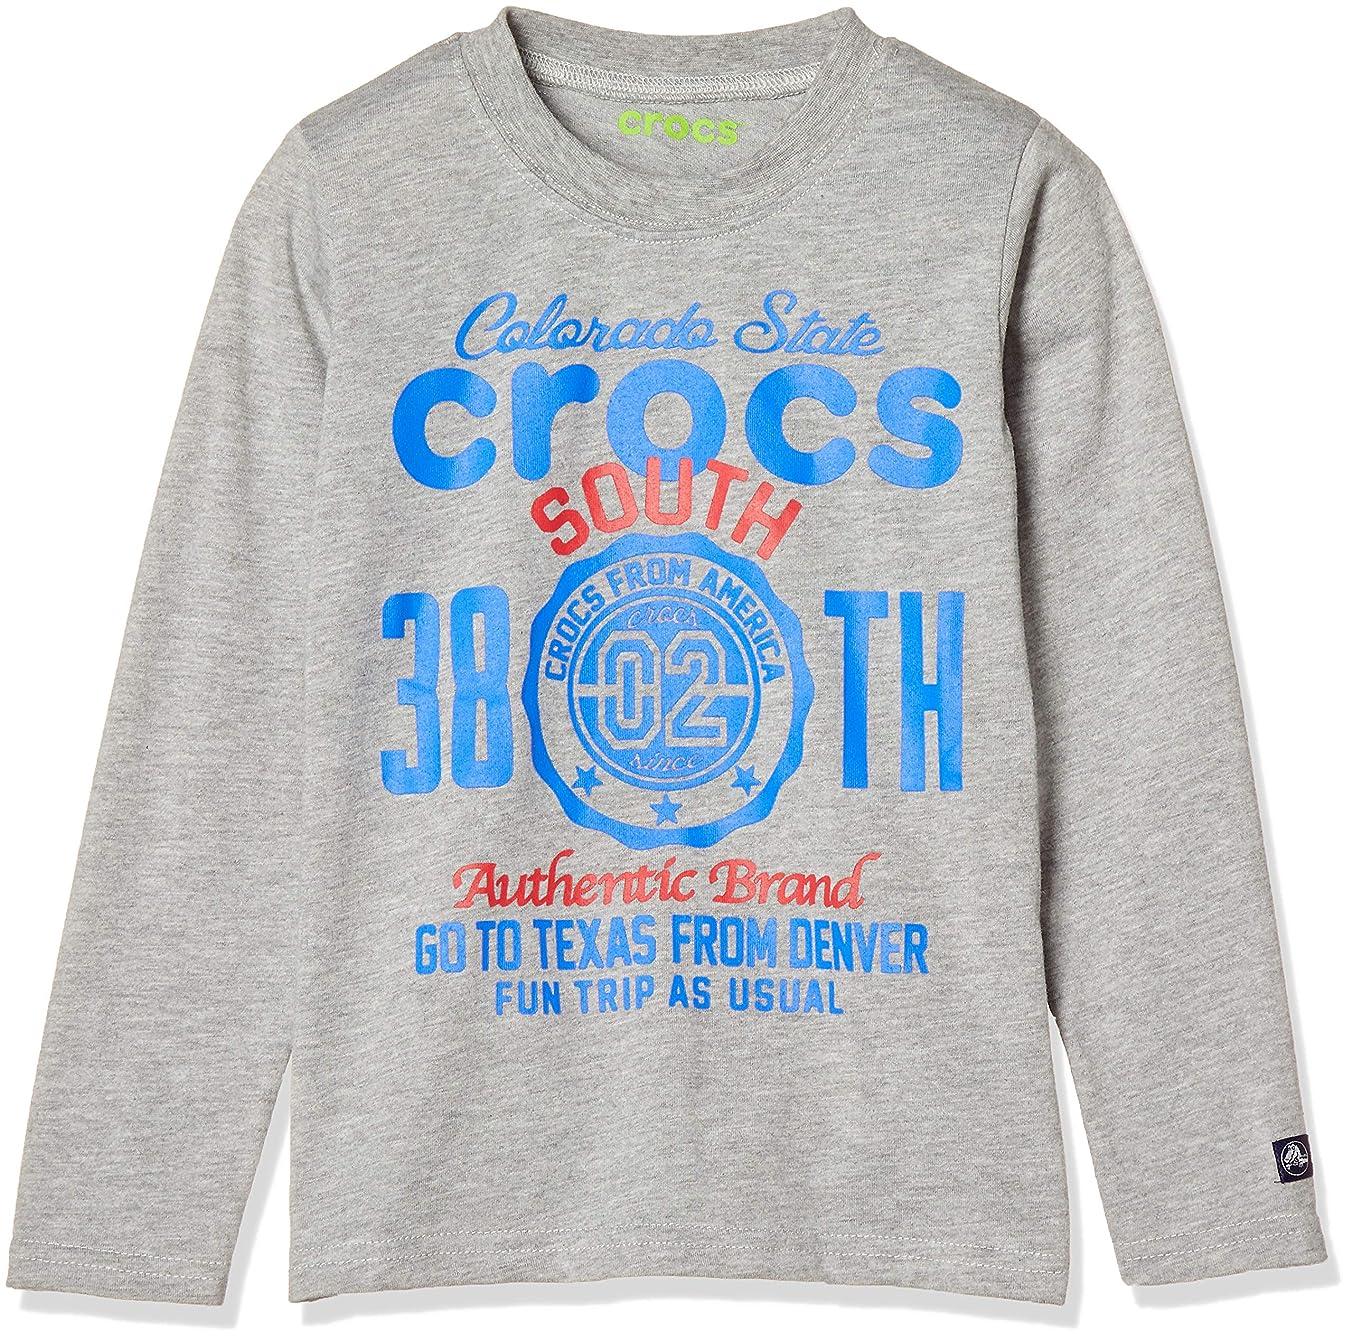 疑問を超えてライオン放つ[クロックス] CROCSかすれプリント柄長袖Tシャツ ボーイズ 119101